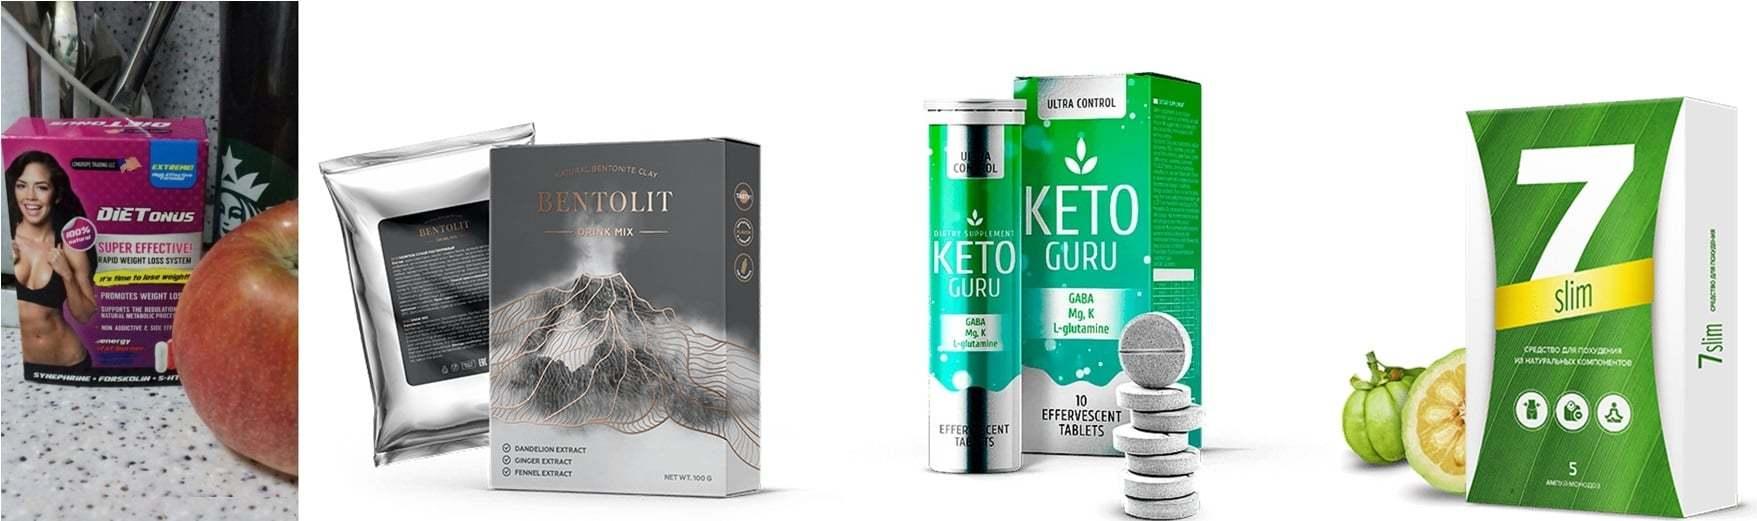 cele mai bune reclame pentru pierderea în greutate)